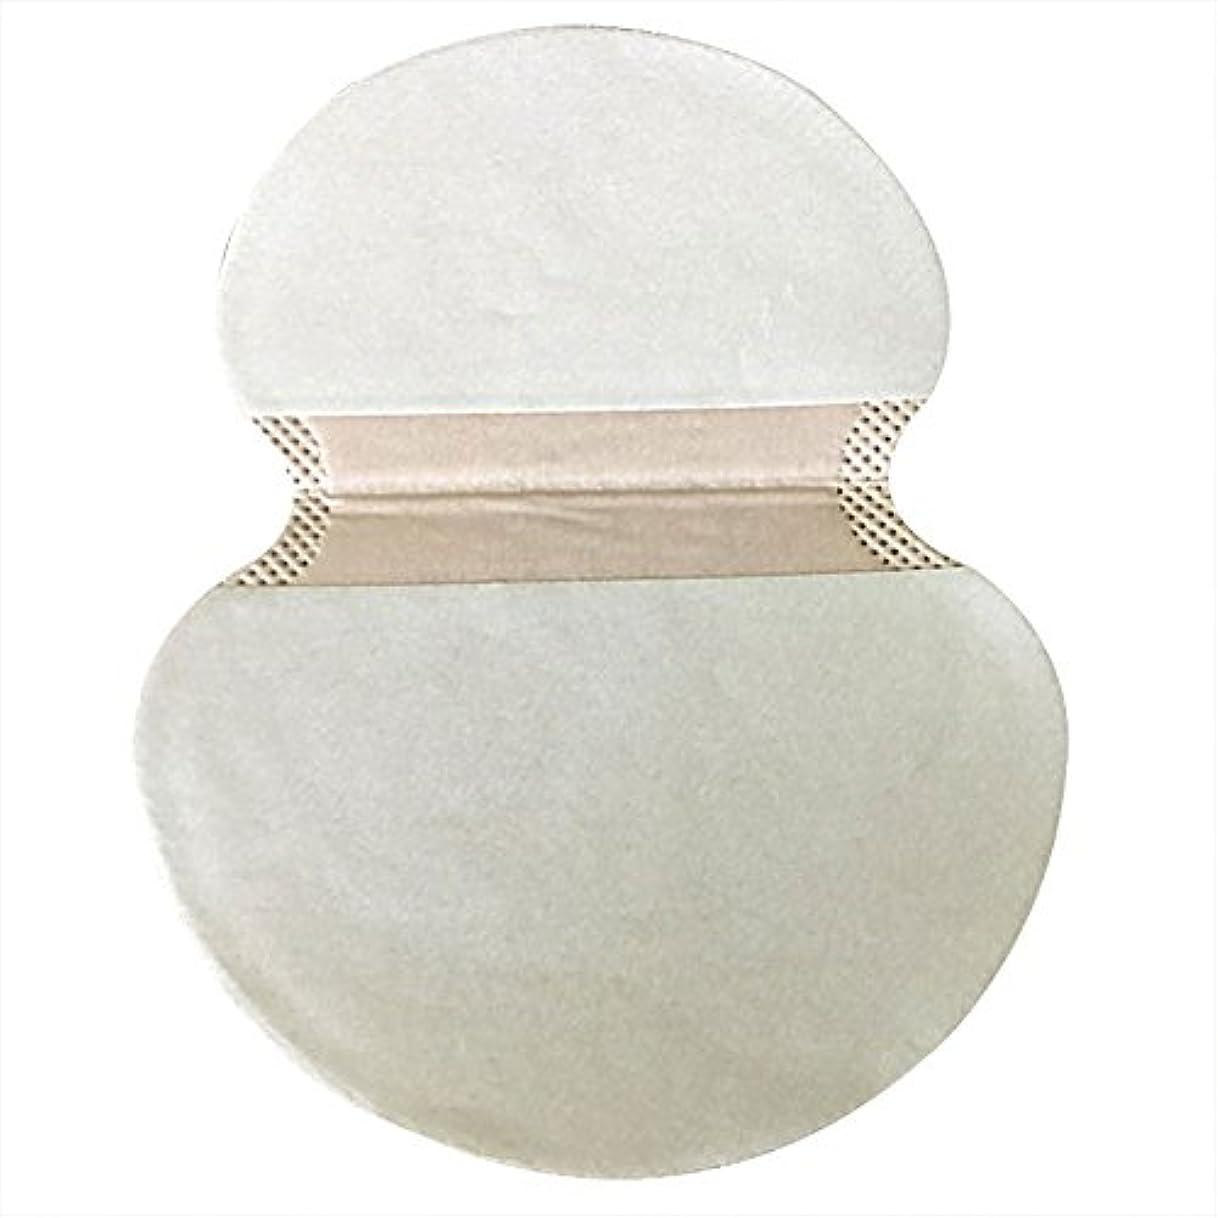 キー実証する協力的汗パッド 汗止め 脇の下 ステッカー 汗の臭気吸収 メンズ レディース 超薄型 超薄型 直接貼る汗取り2枚セット